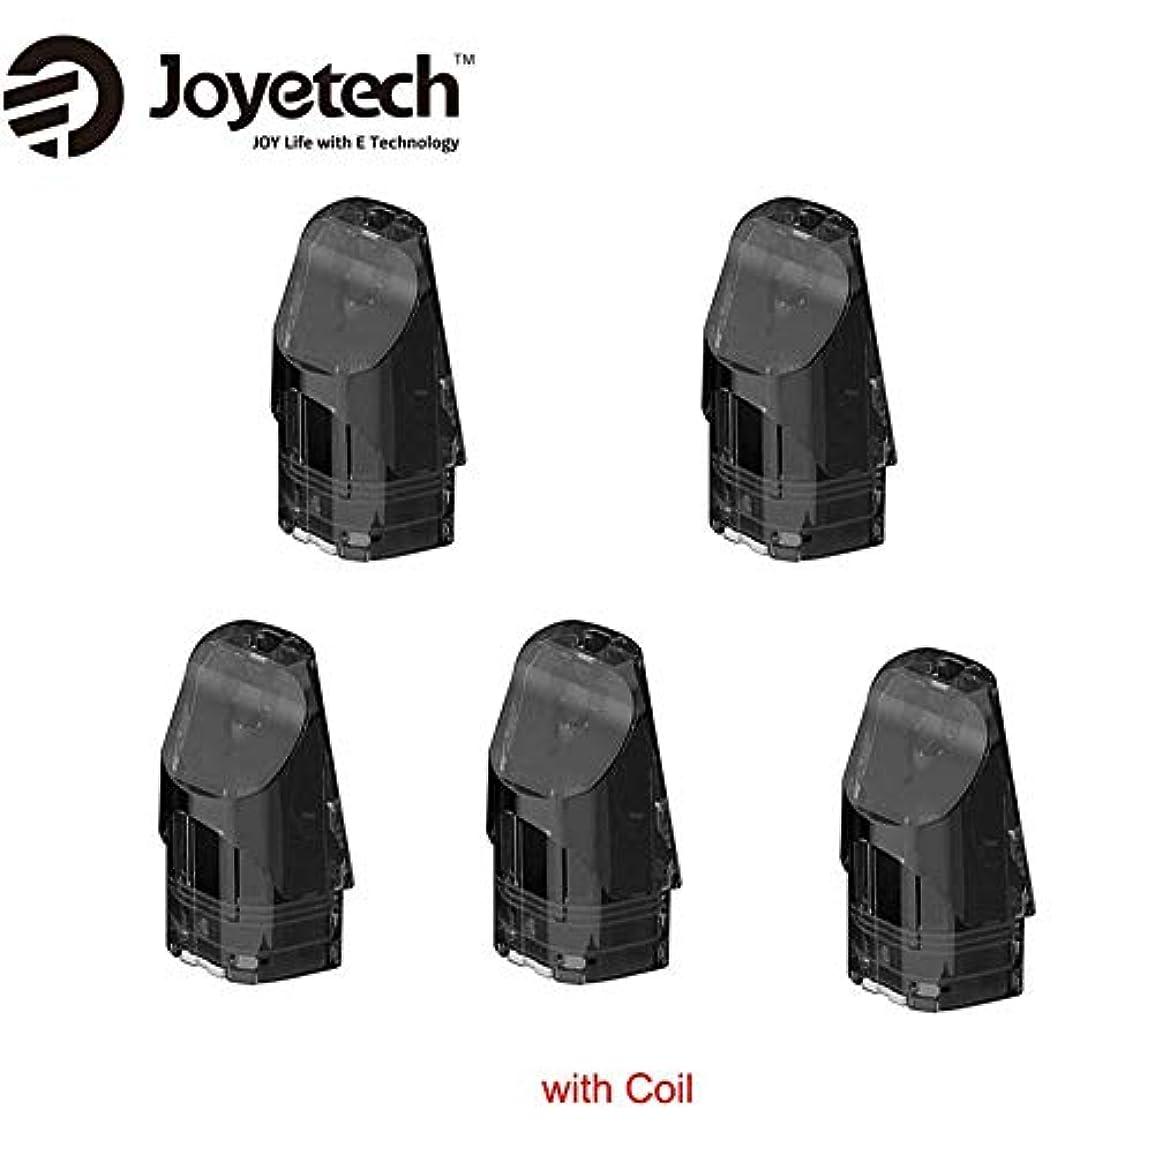 評論家ホステス秘密の正規品Joyetech Exceed Edge Podカートリッジ 2ml 内蔵1.2ohmコイル 5個セット 1パック